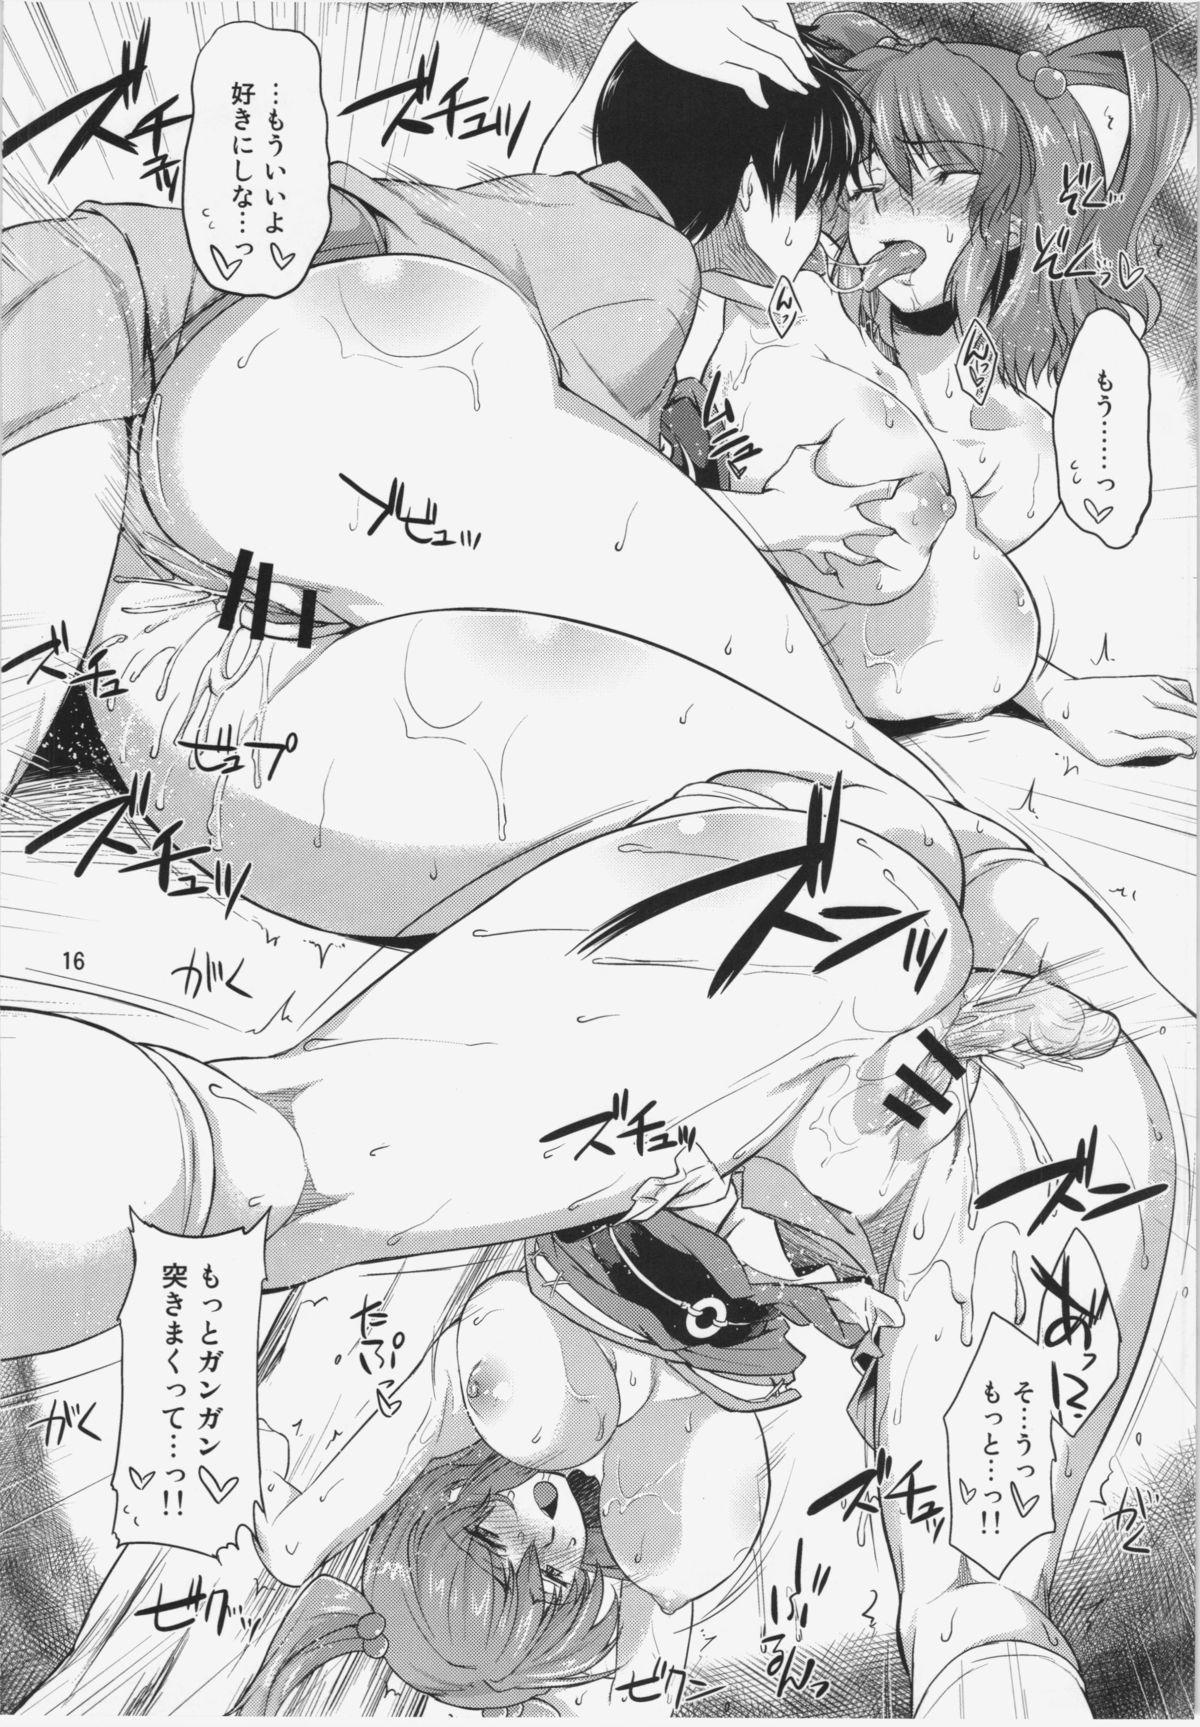 Komacchan no Yokodori 400,000! 15